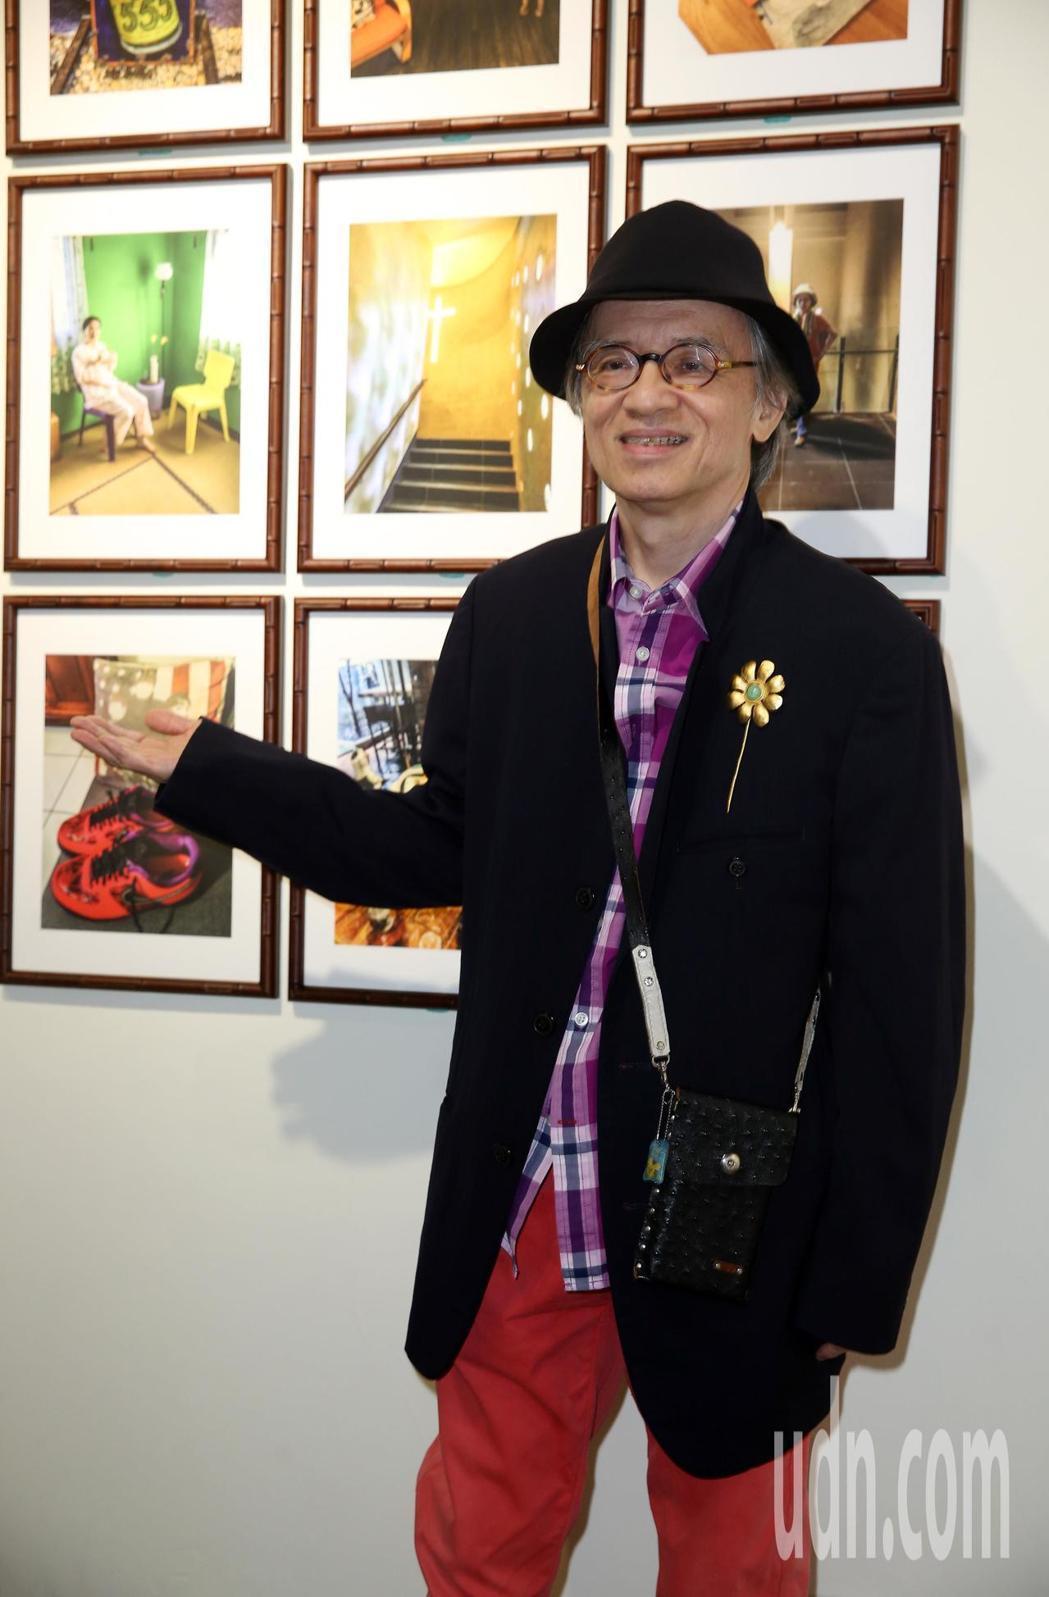 鄧志鴻透過鏡頭傳達愛意。記者曾吉松/攝影